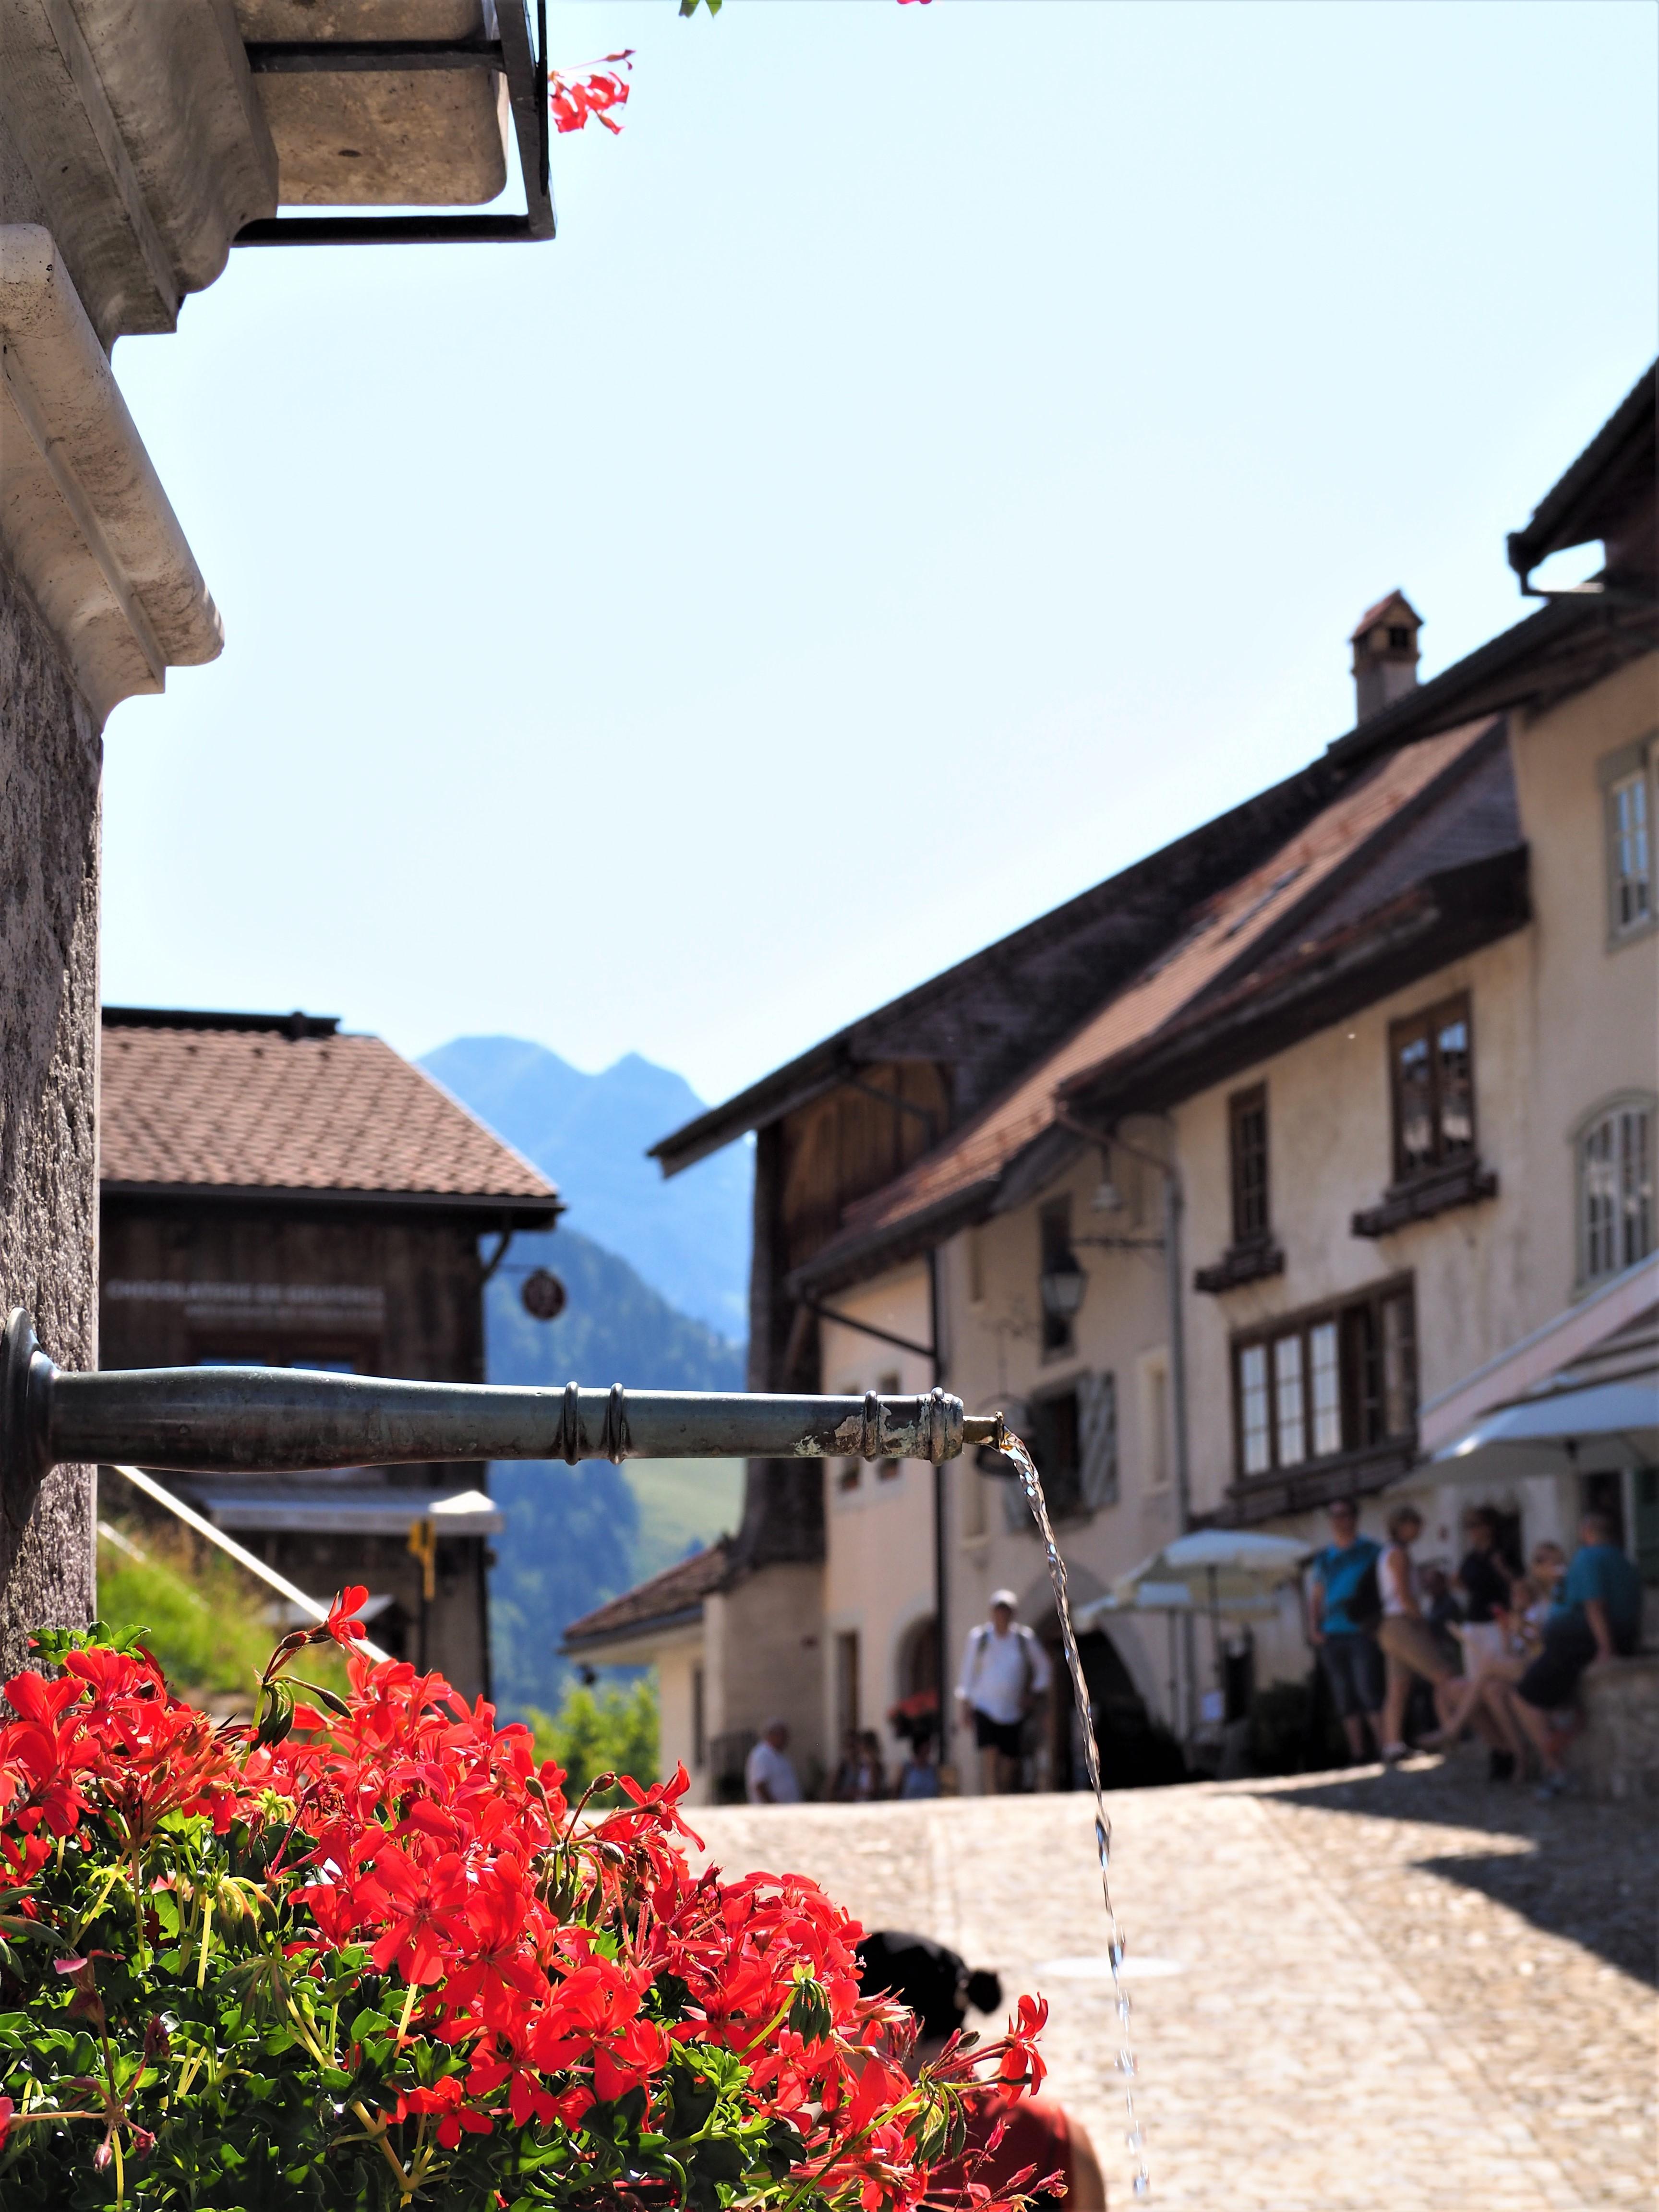 Visiter-Gruyères-canton-de-Fribourg-Suisse-fontaine-place-centrale-clioandco-blog-voyages